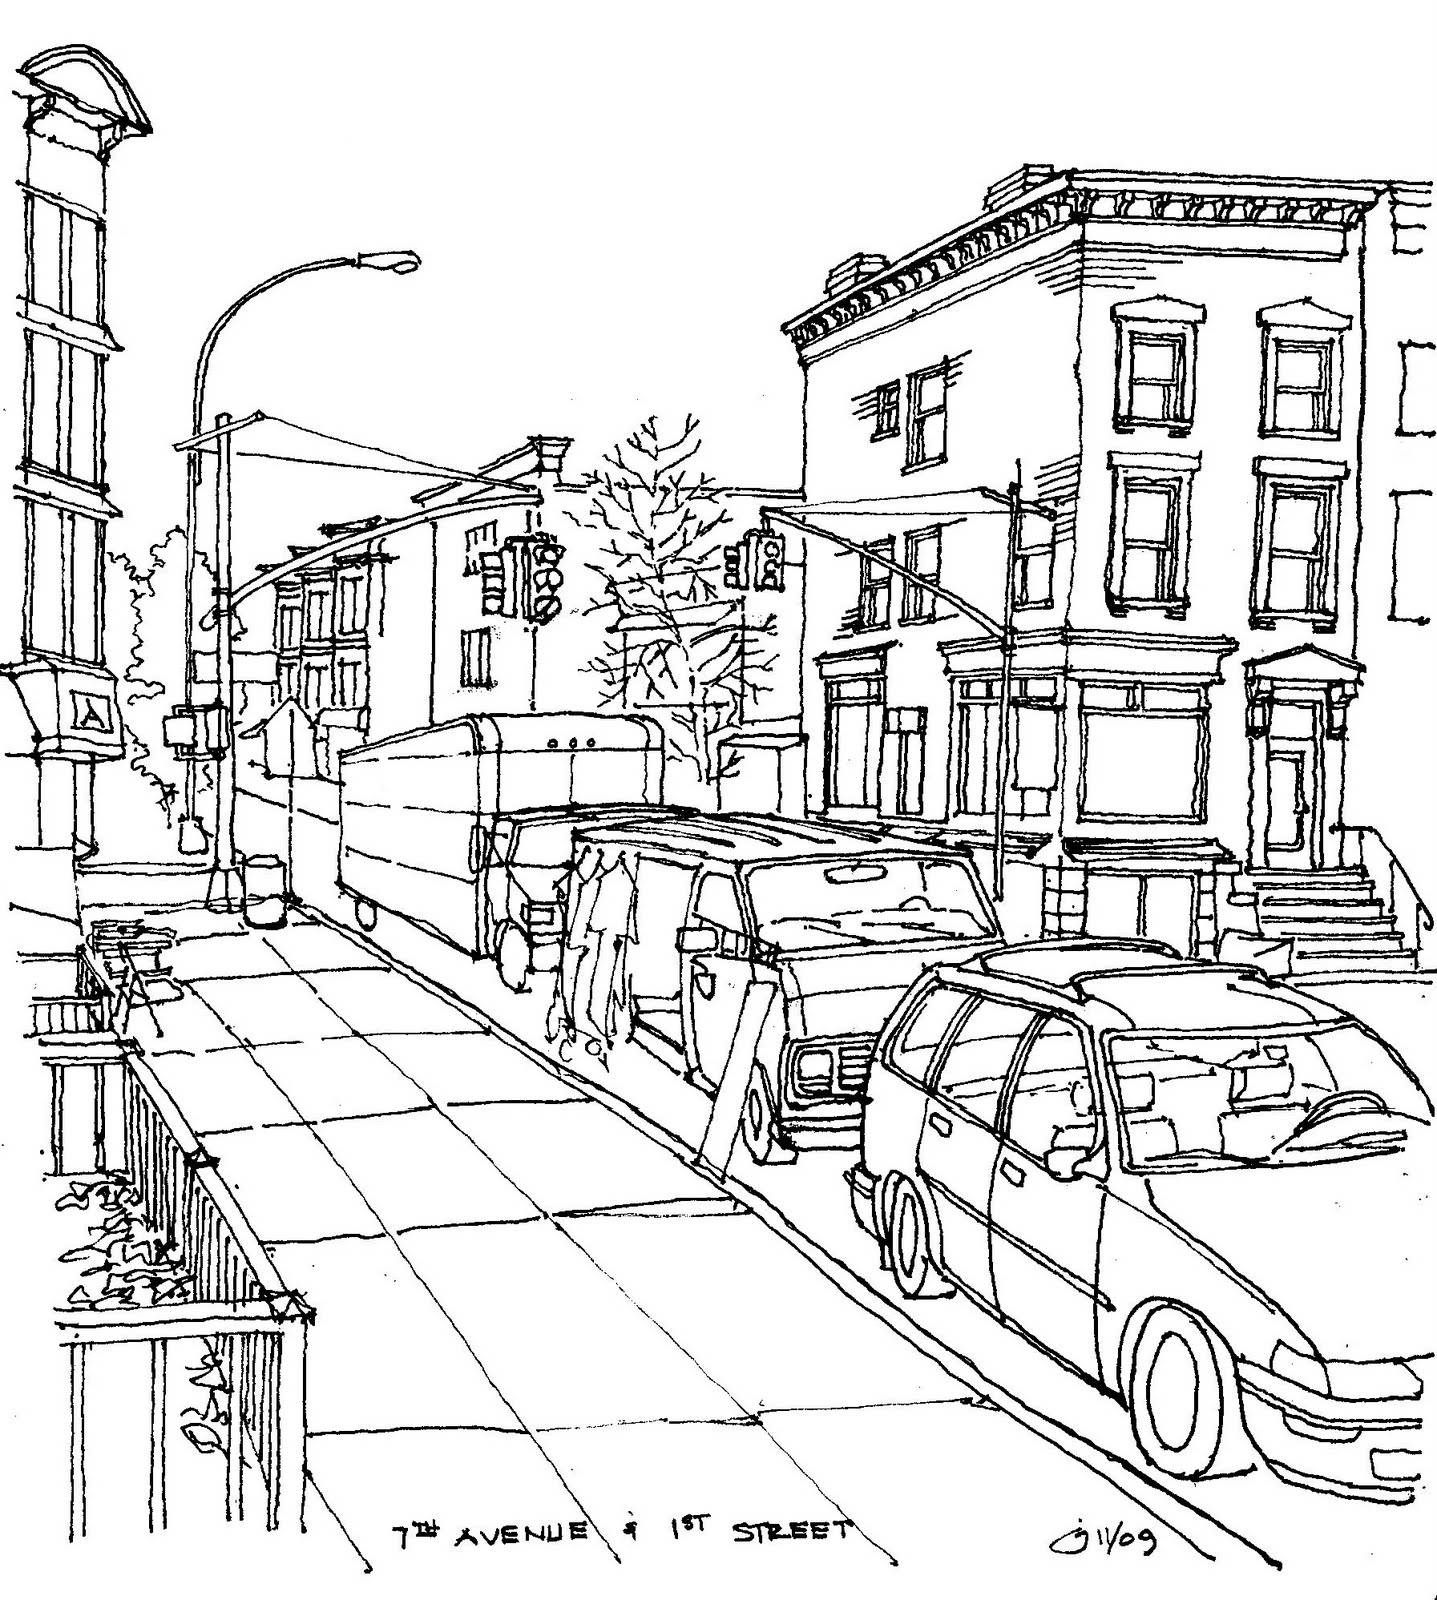 Park Slope Sketch November